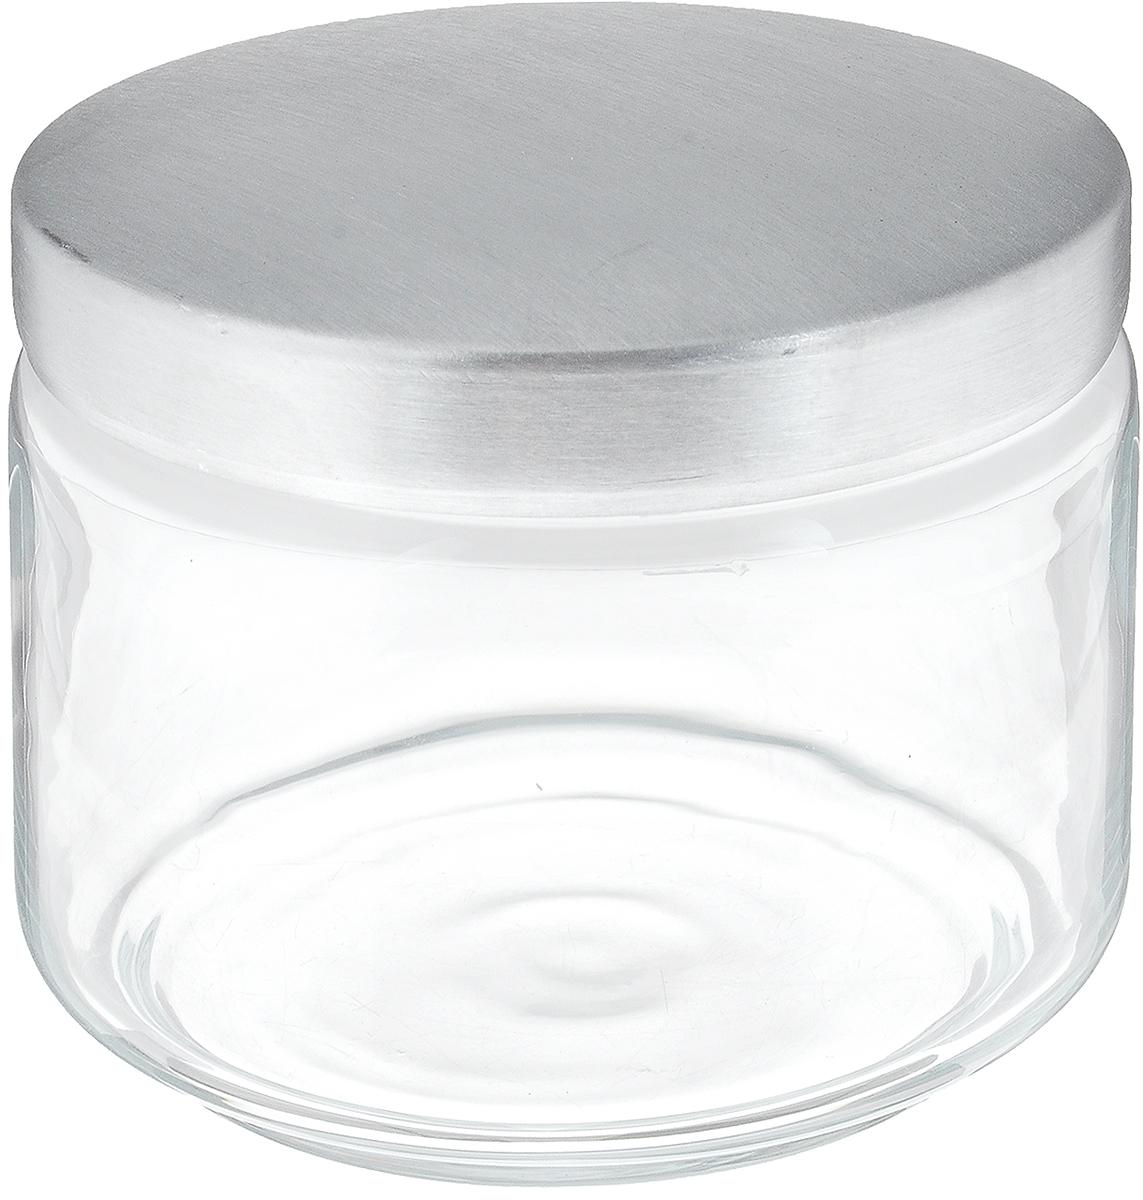 Банка для сыпучих продуктов Luminarc Boxmania, 500 мл48814Банка Luminarc Boxmania изготовлена из высококачественного стекла. Емкость подходит для хранения сыпучих продуктов: круп, специй, сахара, соли. Она снабжена металлической крышкой, которая плотно и герметично закрывается, дольше сохраняя аромат и свежесть содержимого. Банка Luminarc Boxmania станет полезным приобретением и пригодится на любой кухне.Высота банки (без учета крышки): 8 см.Диаметр банки (по верхнему краю): 9,5 см.Объем банки: 500 мл.